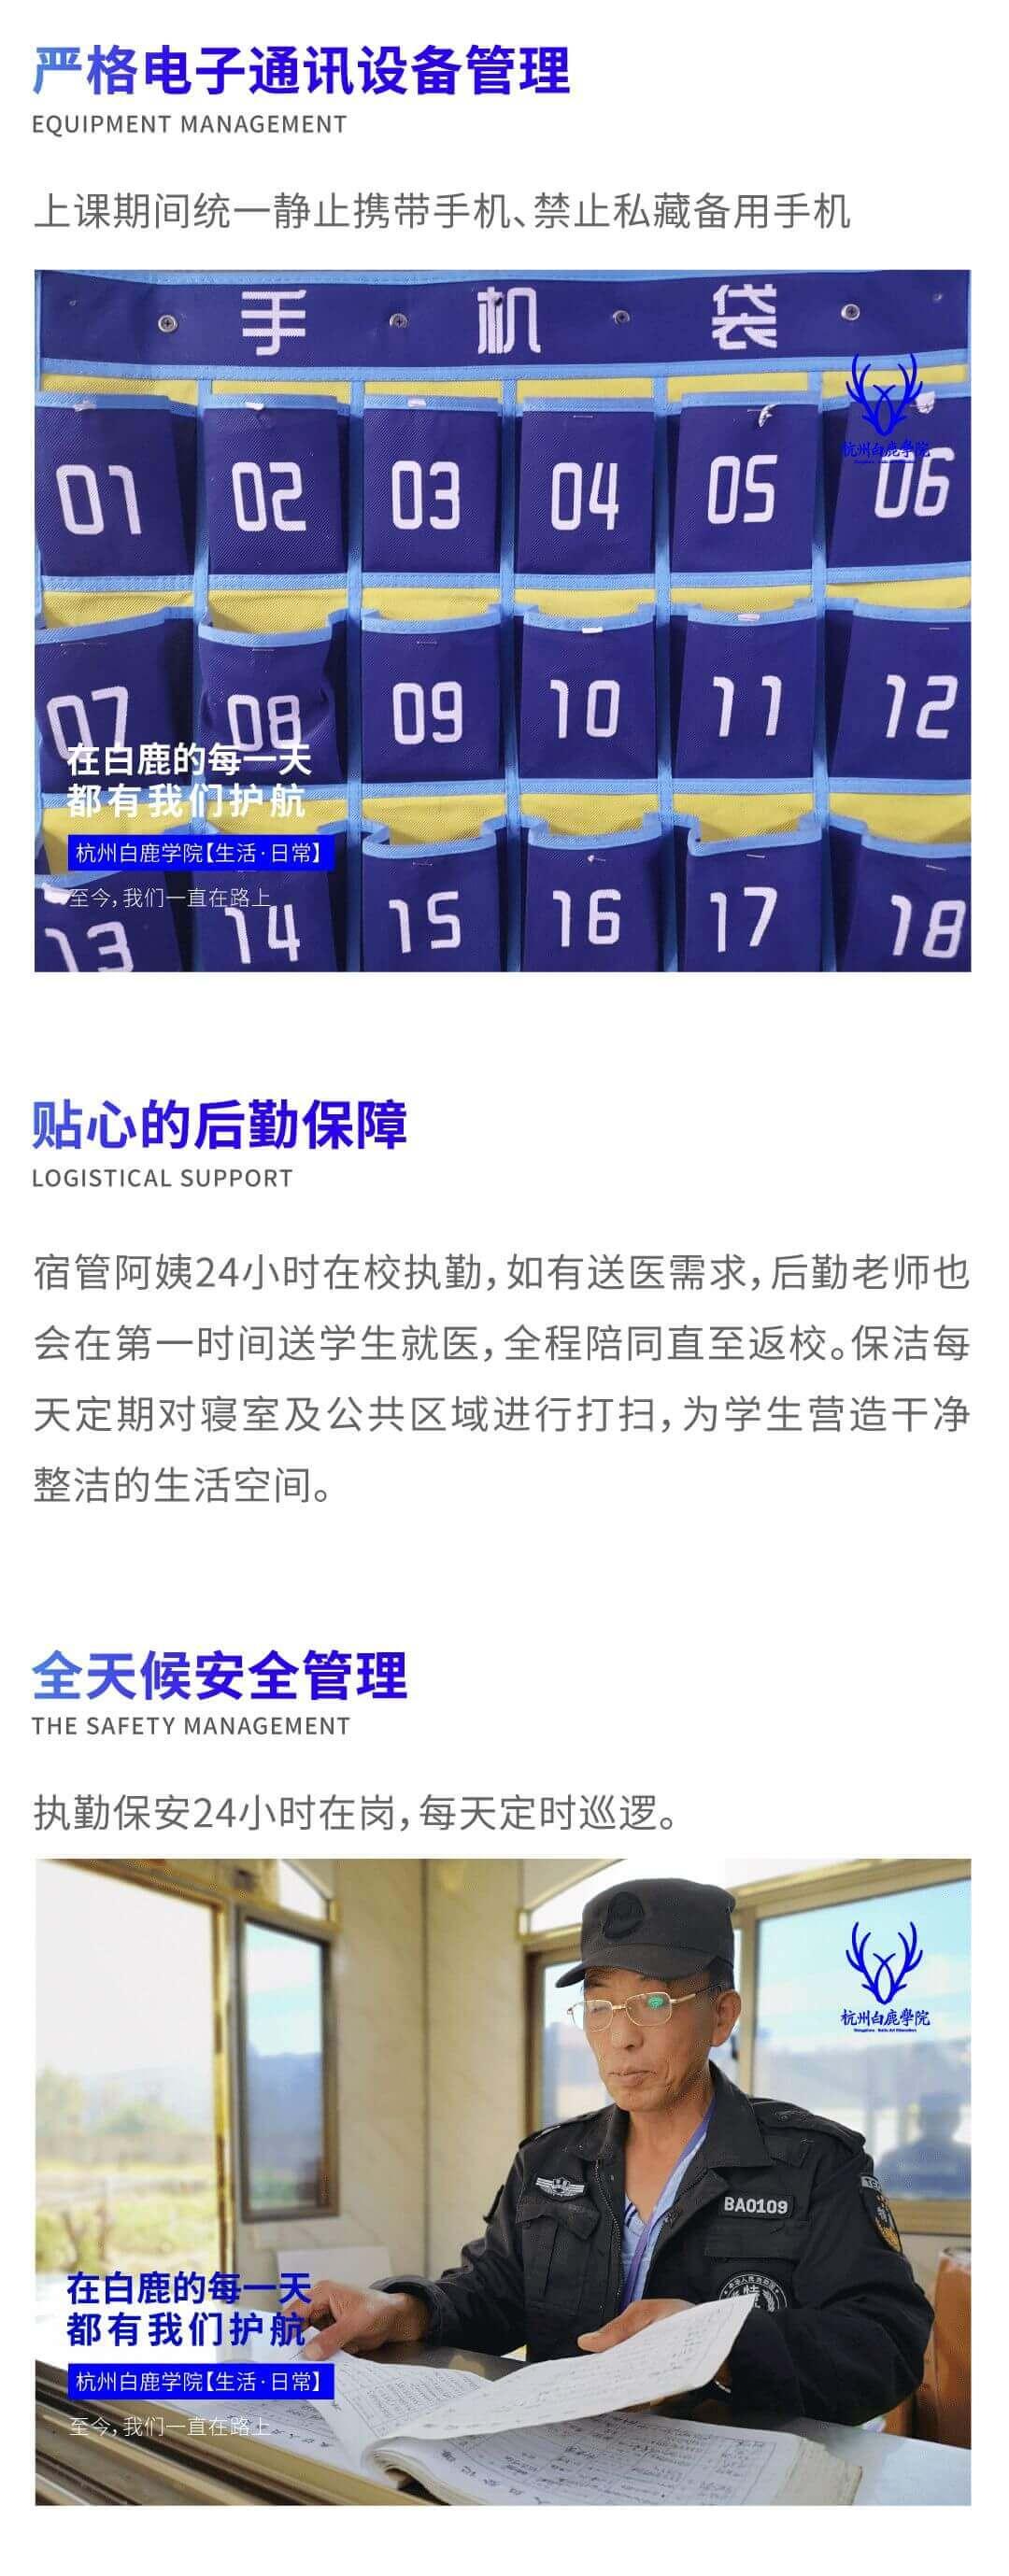 杭州艺考画室百万助学金力挺复读生,16